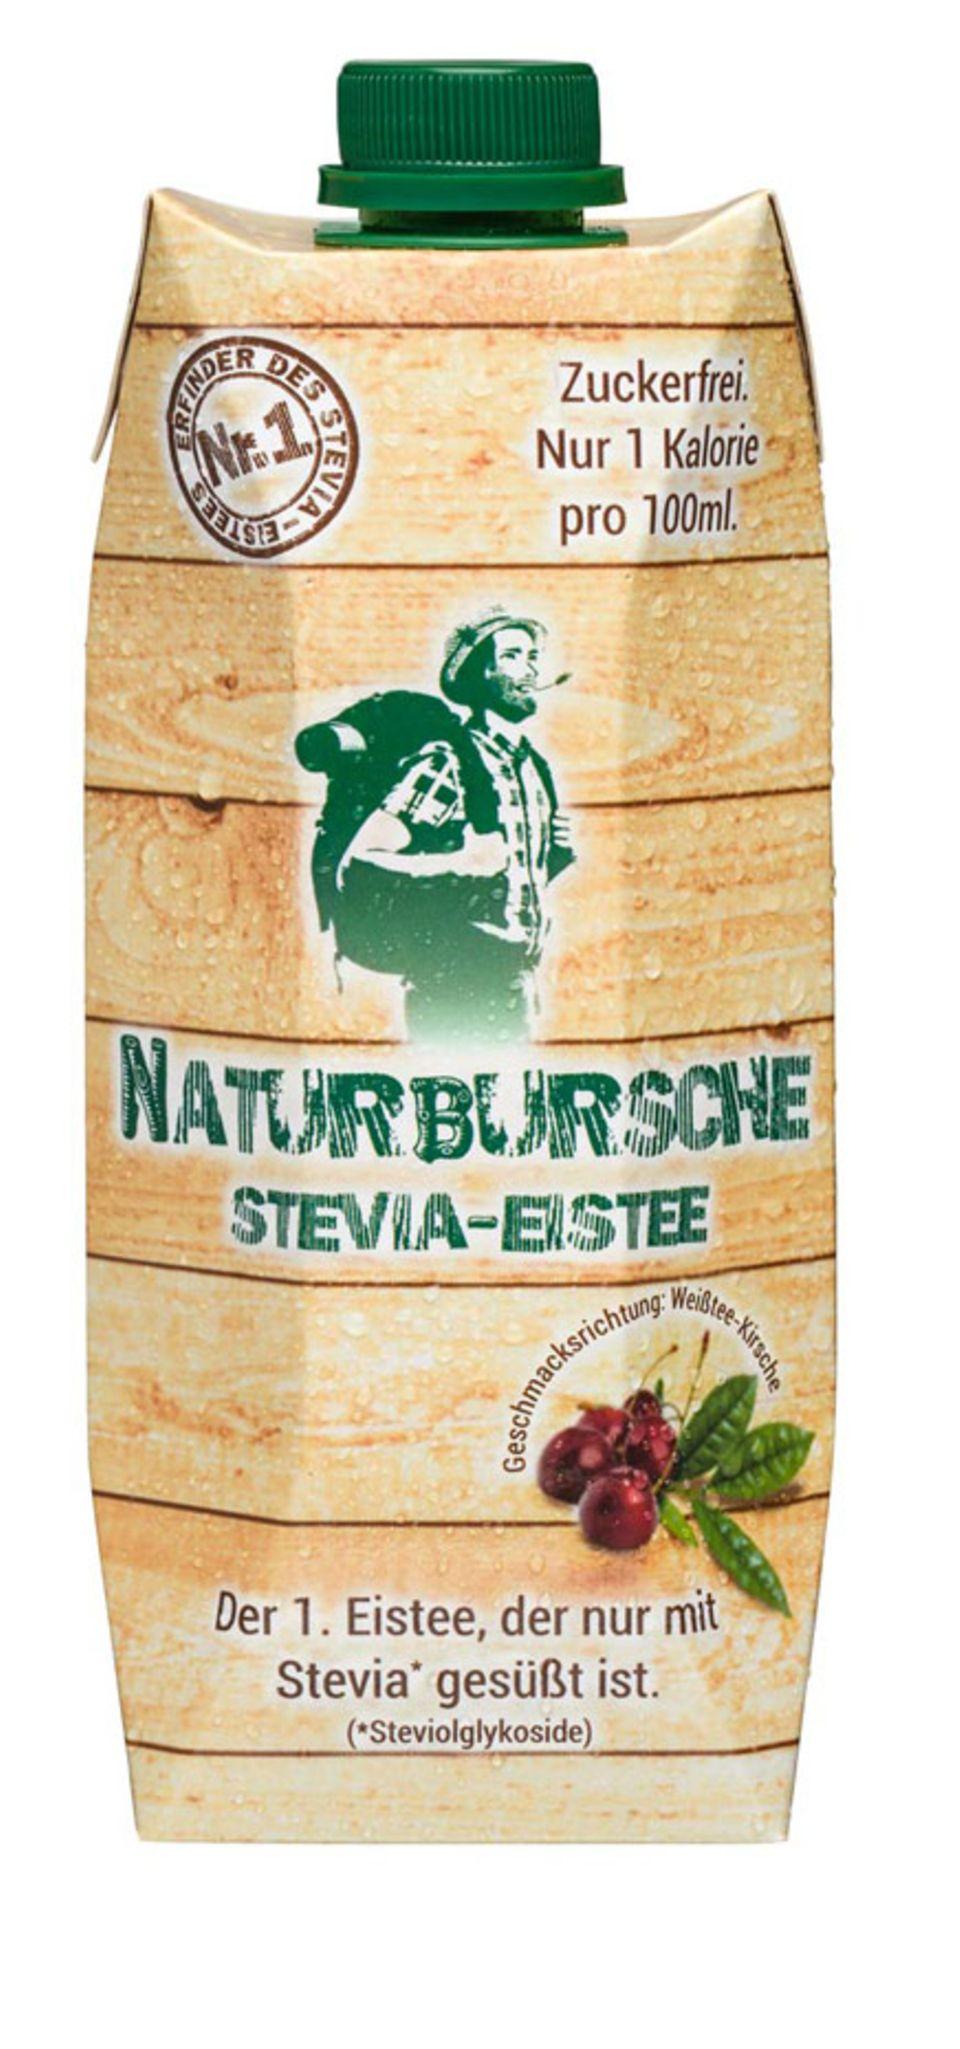 Nur mit Stevia gesüßt: der Eistee von Naturbursche